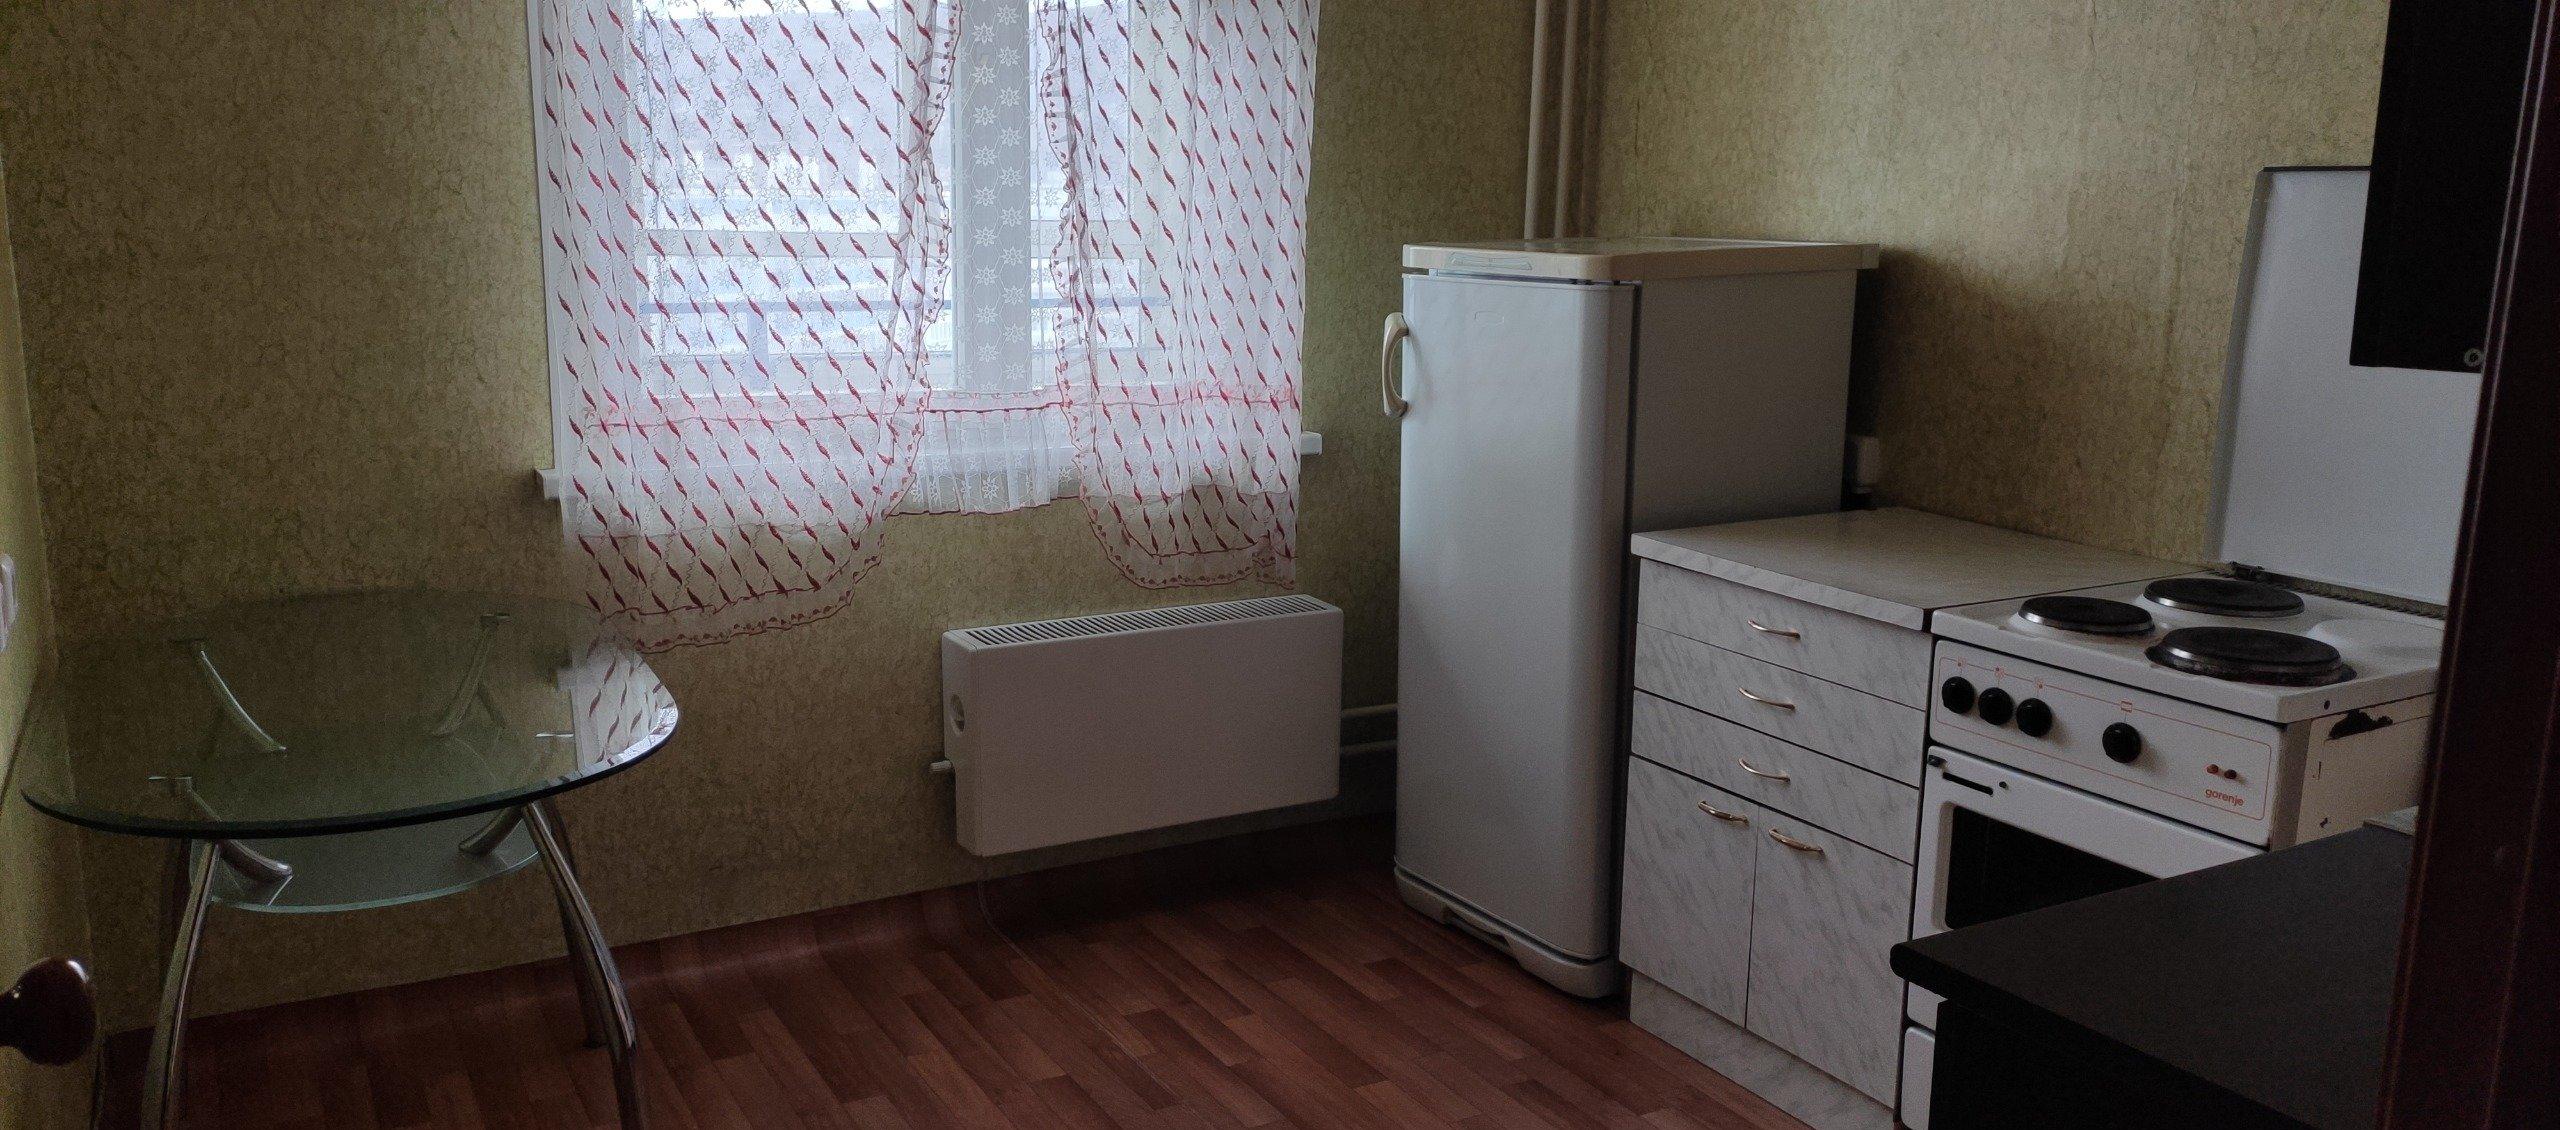 1к квартира Ярыгинская наб, д 41 | 16000 | аренда в Красноярске фото 4